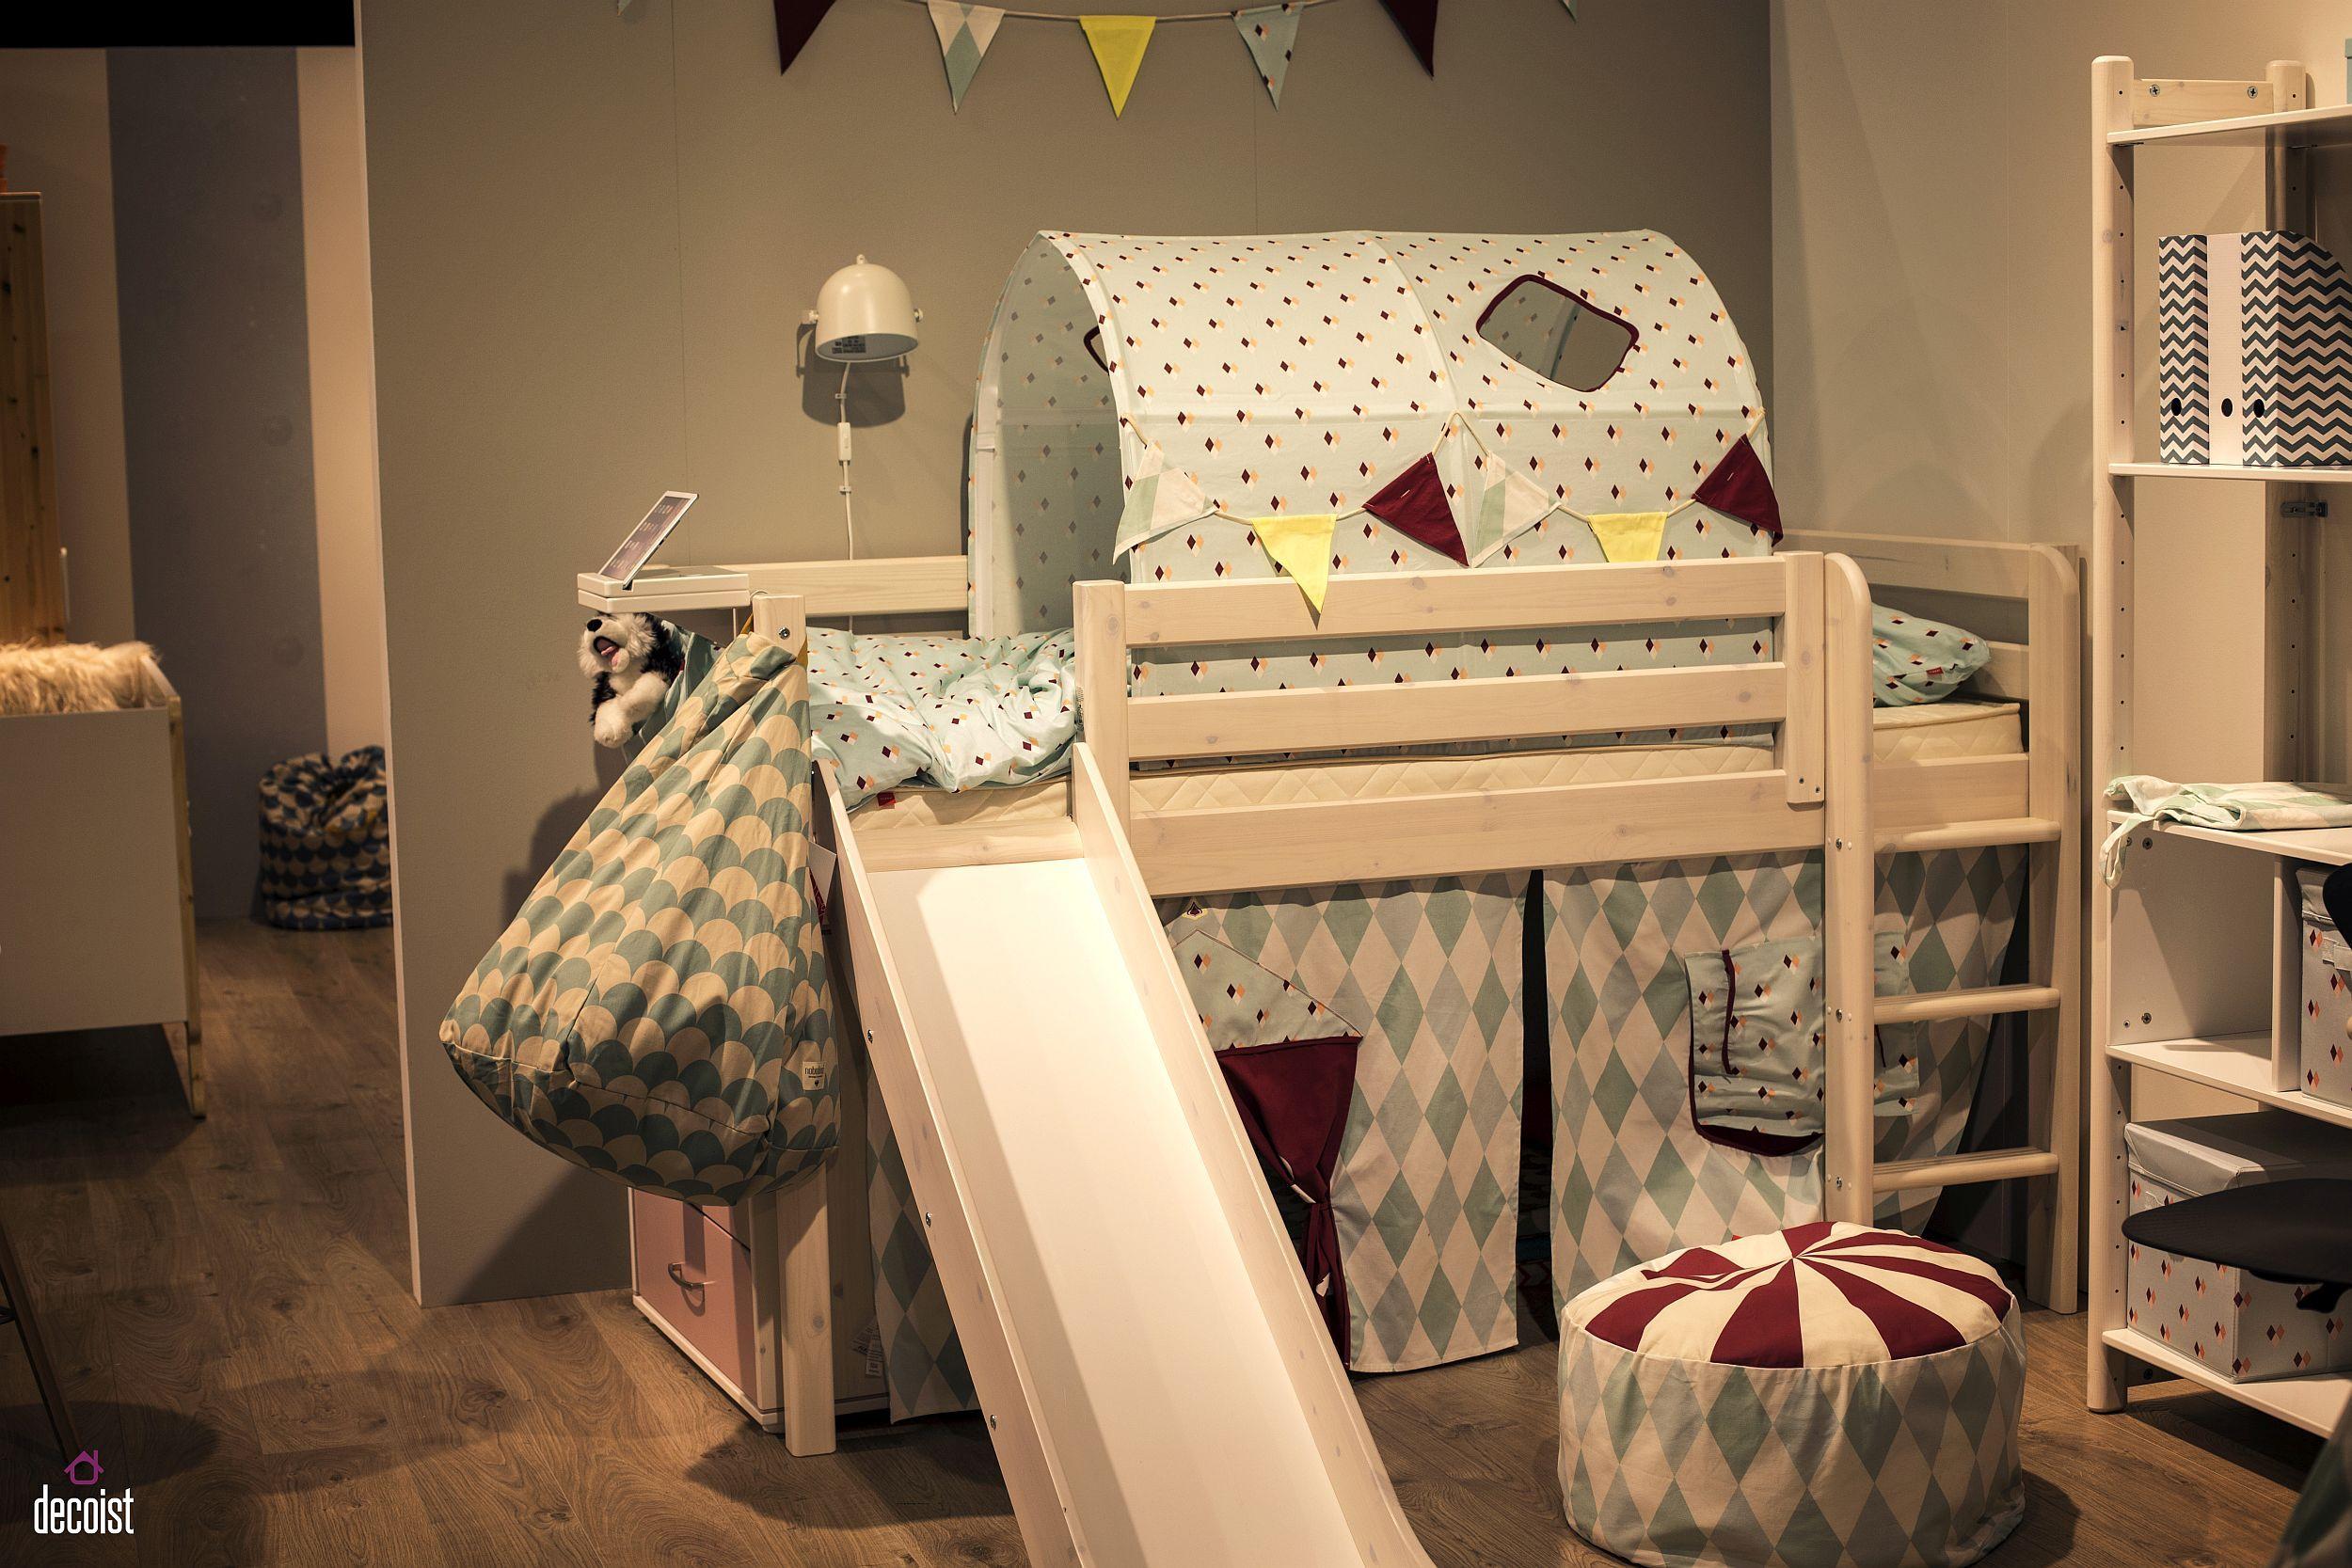 12 Idees Geniales Pour Creer Une Magnifique Chambre D Enfant